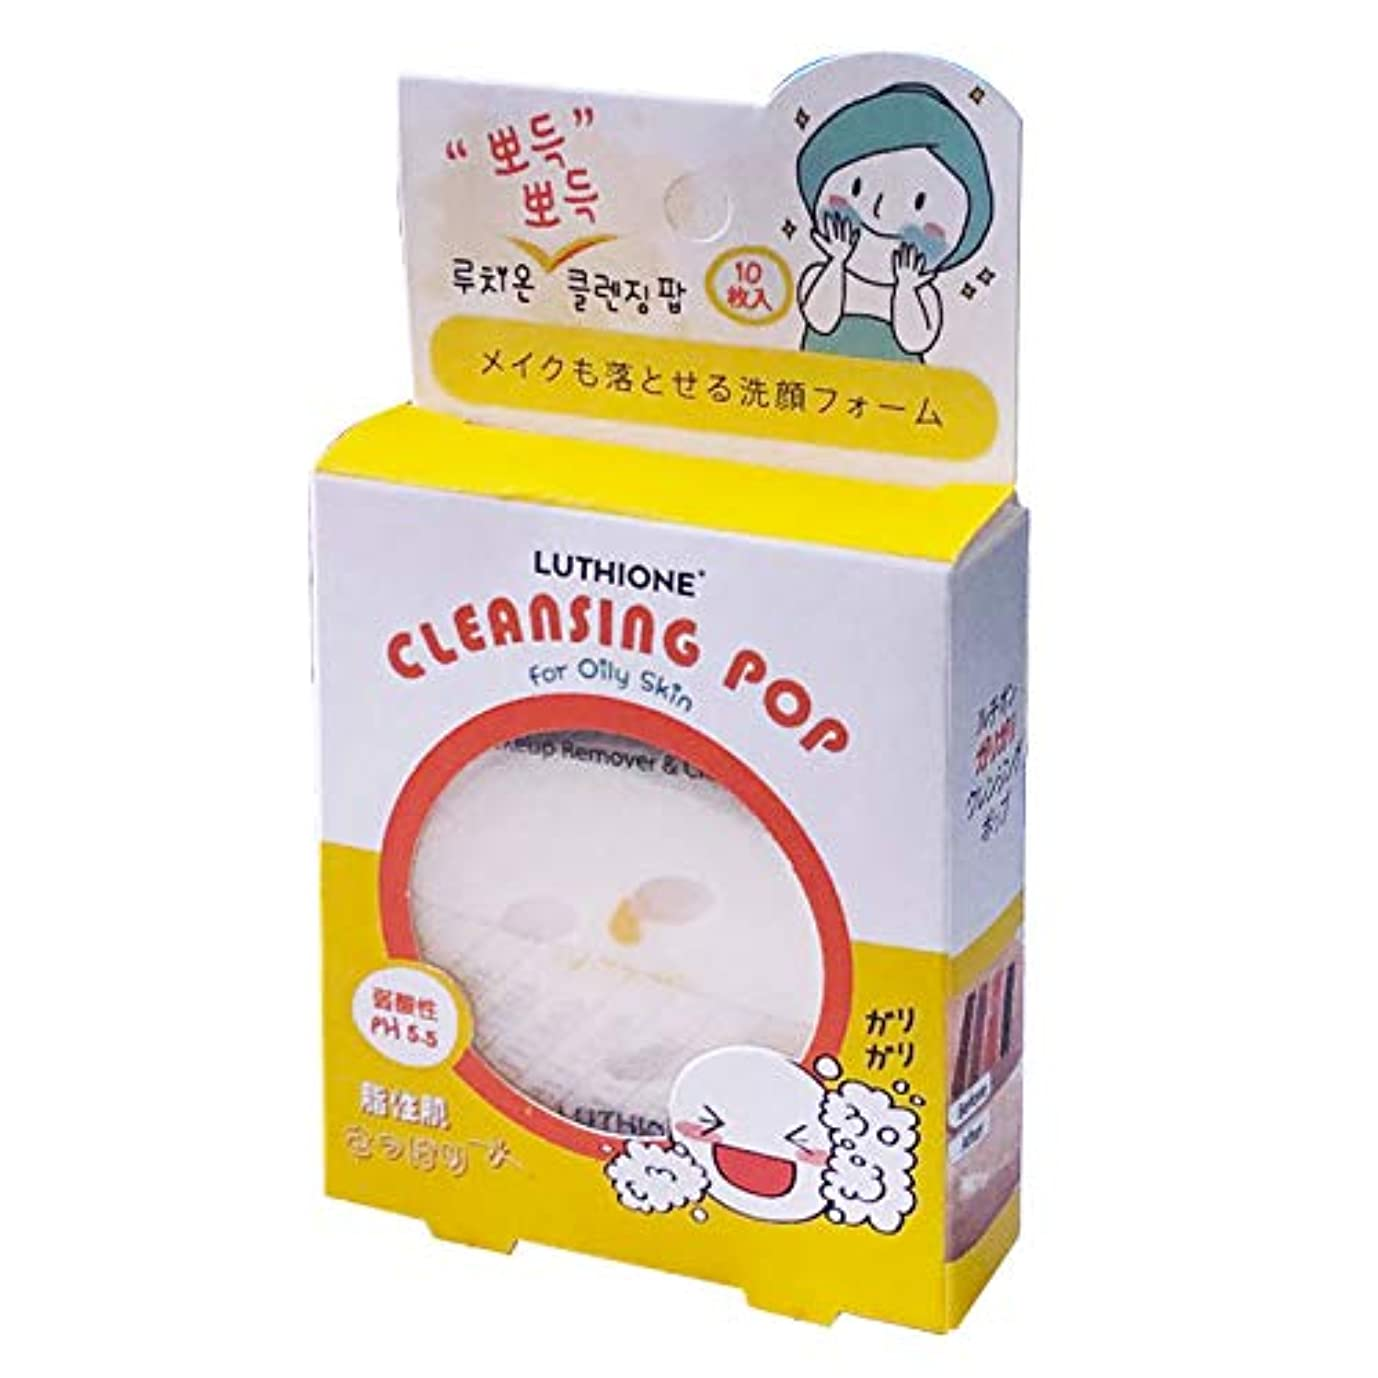 描く高度な私たちの【まとめ買い】ルチオン クレンジングポップ (LUTHIONE CLEANSING POP) 脂性肌 10枚入り ×10個